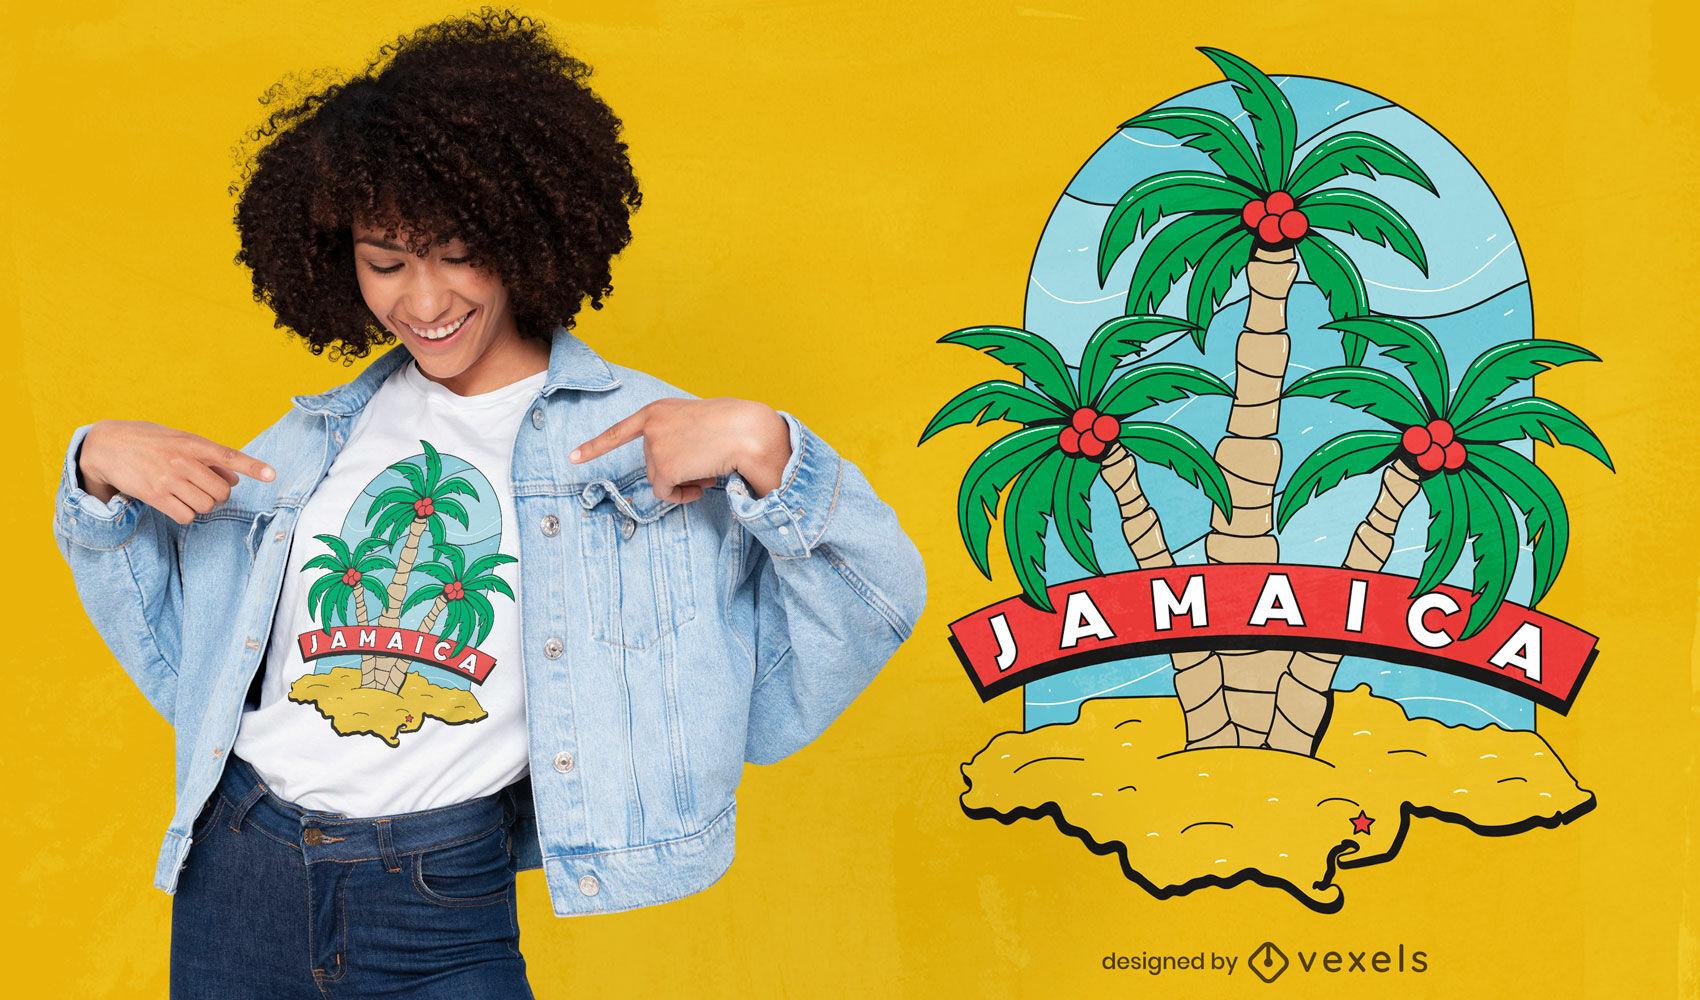 Jamaica palm trees t-shirt design